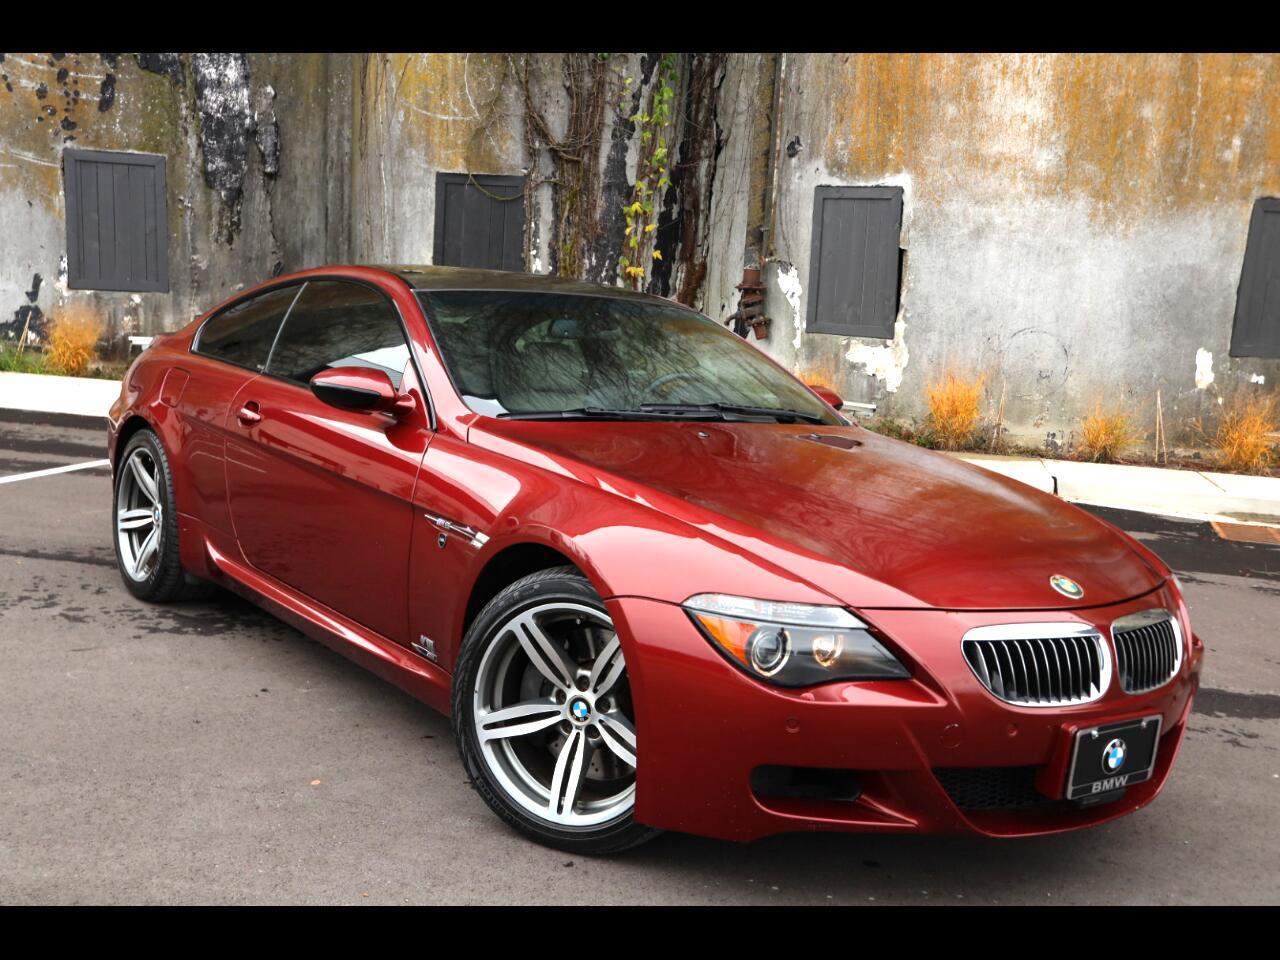 BMW 6 Series 2dr Cpe M6 2007